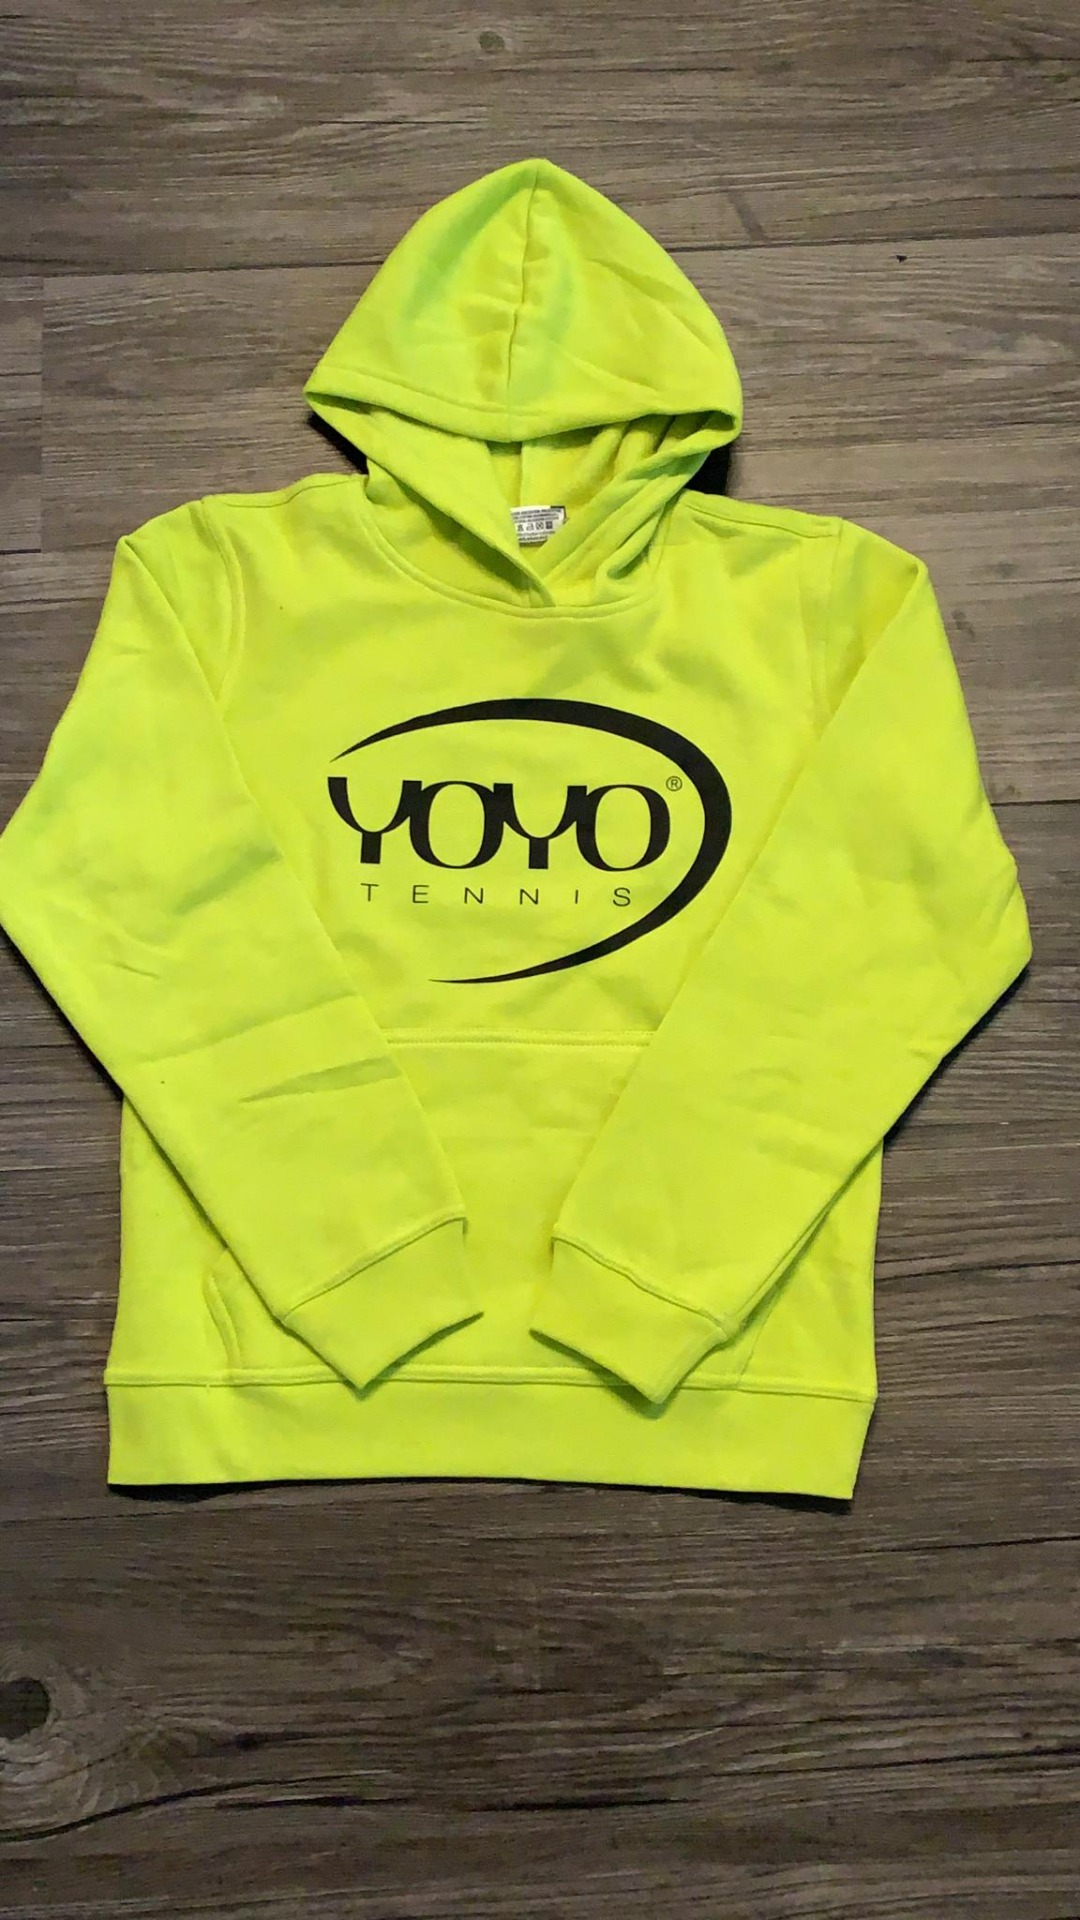 YOYO-TENNIS Hoody Lime Logo Nero Bambino